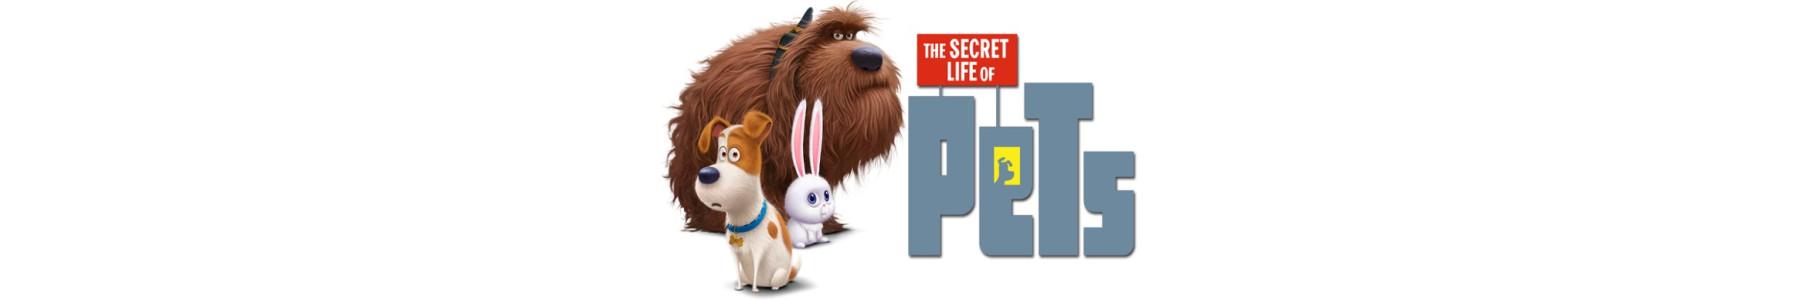 Accesorii de petrecere Secret Life of Pets